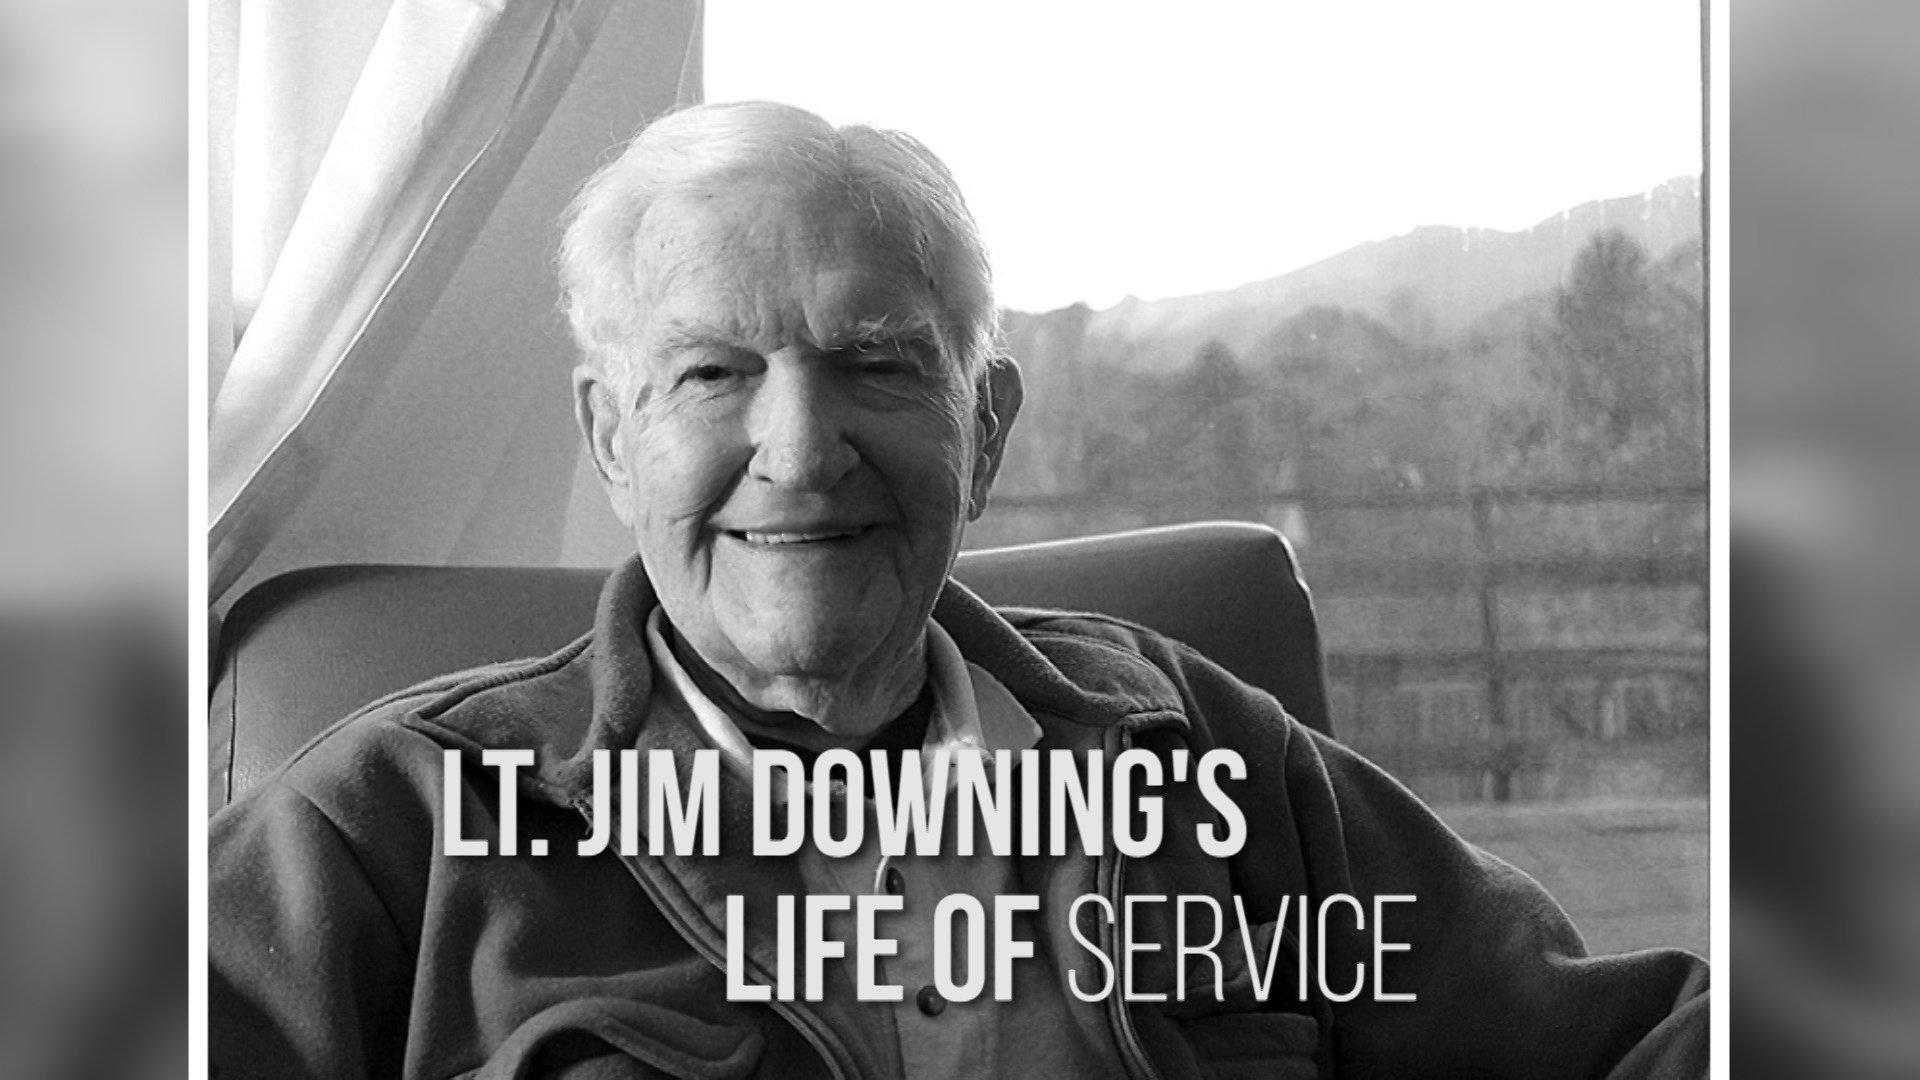 Jim Downing memorial